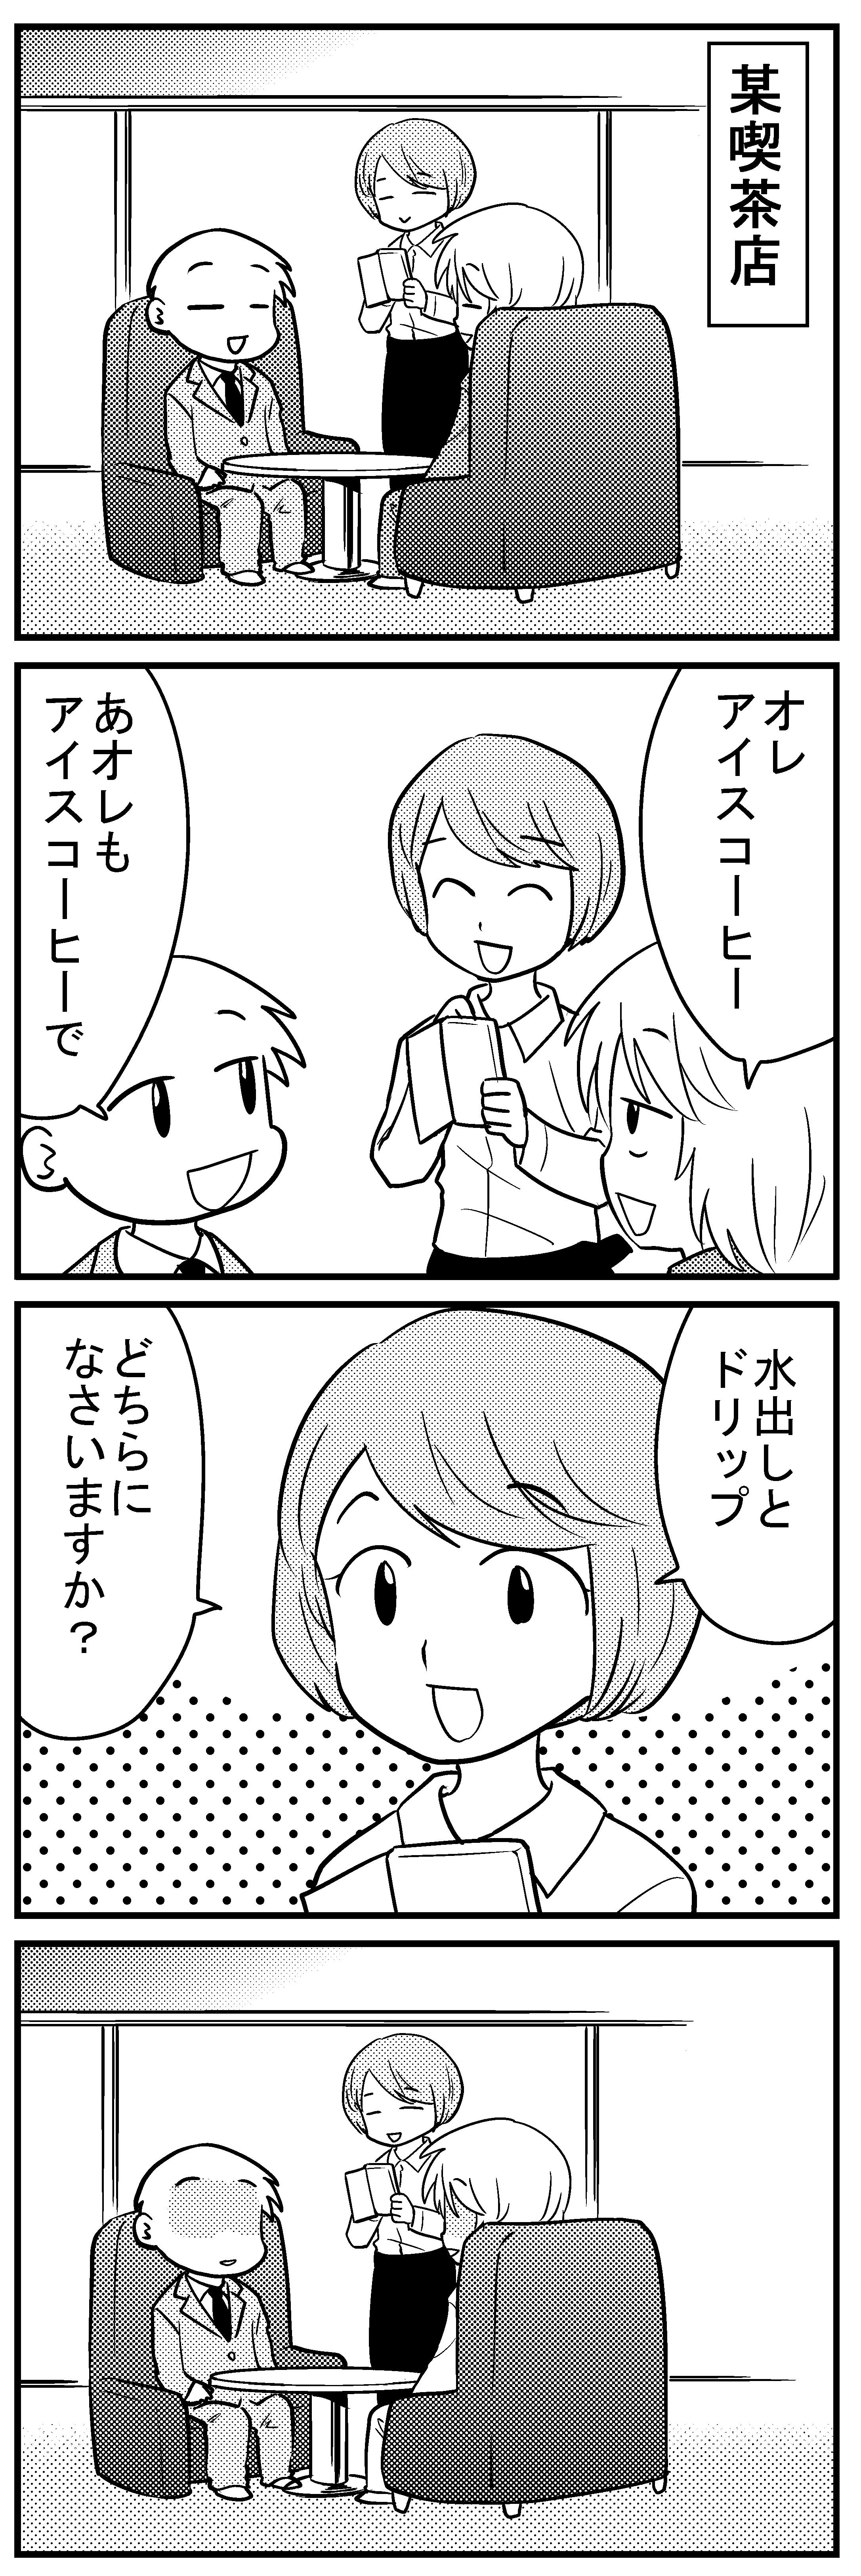 深読みくん44-1